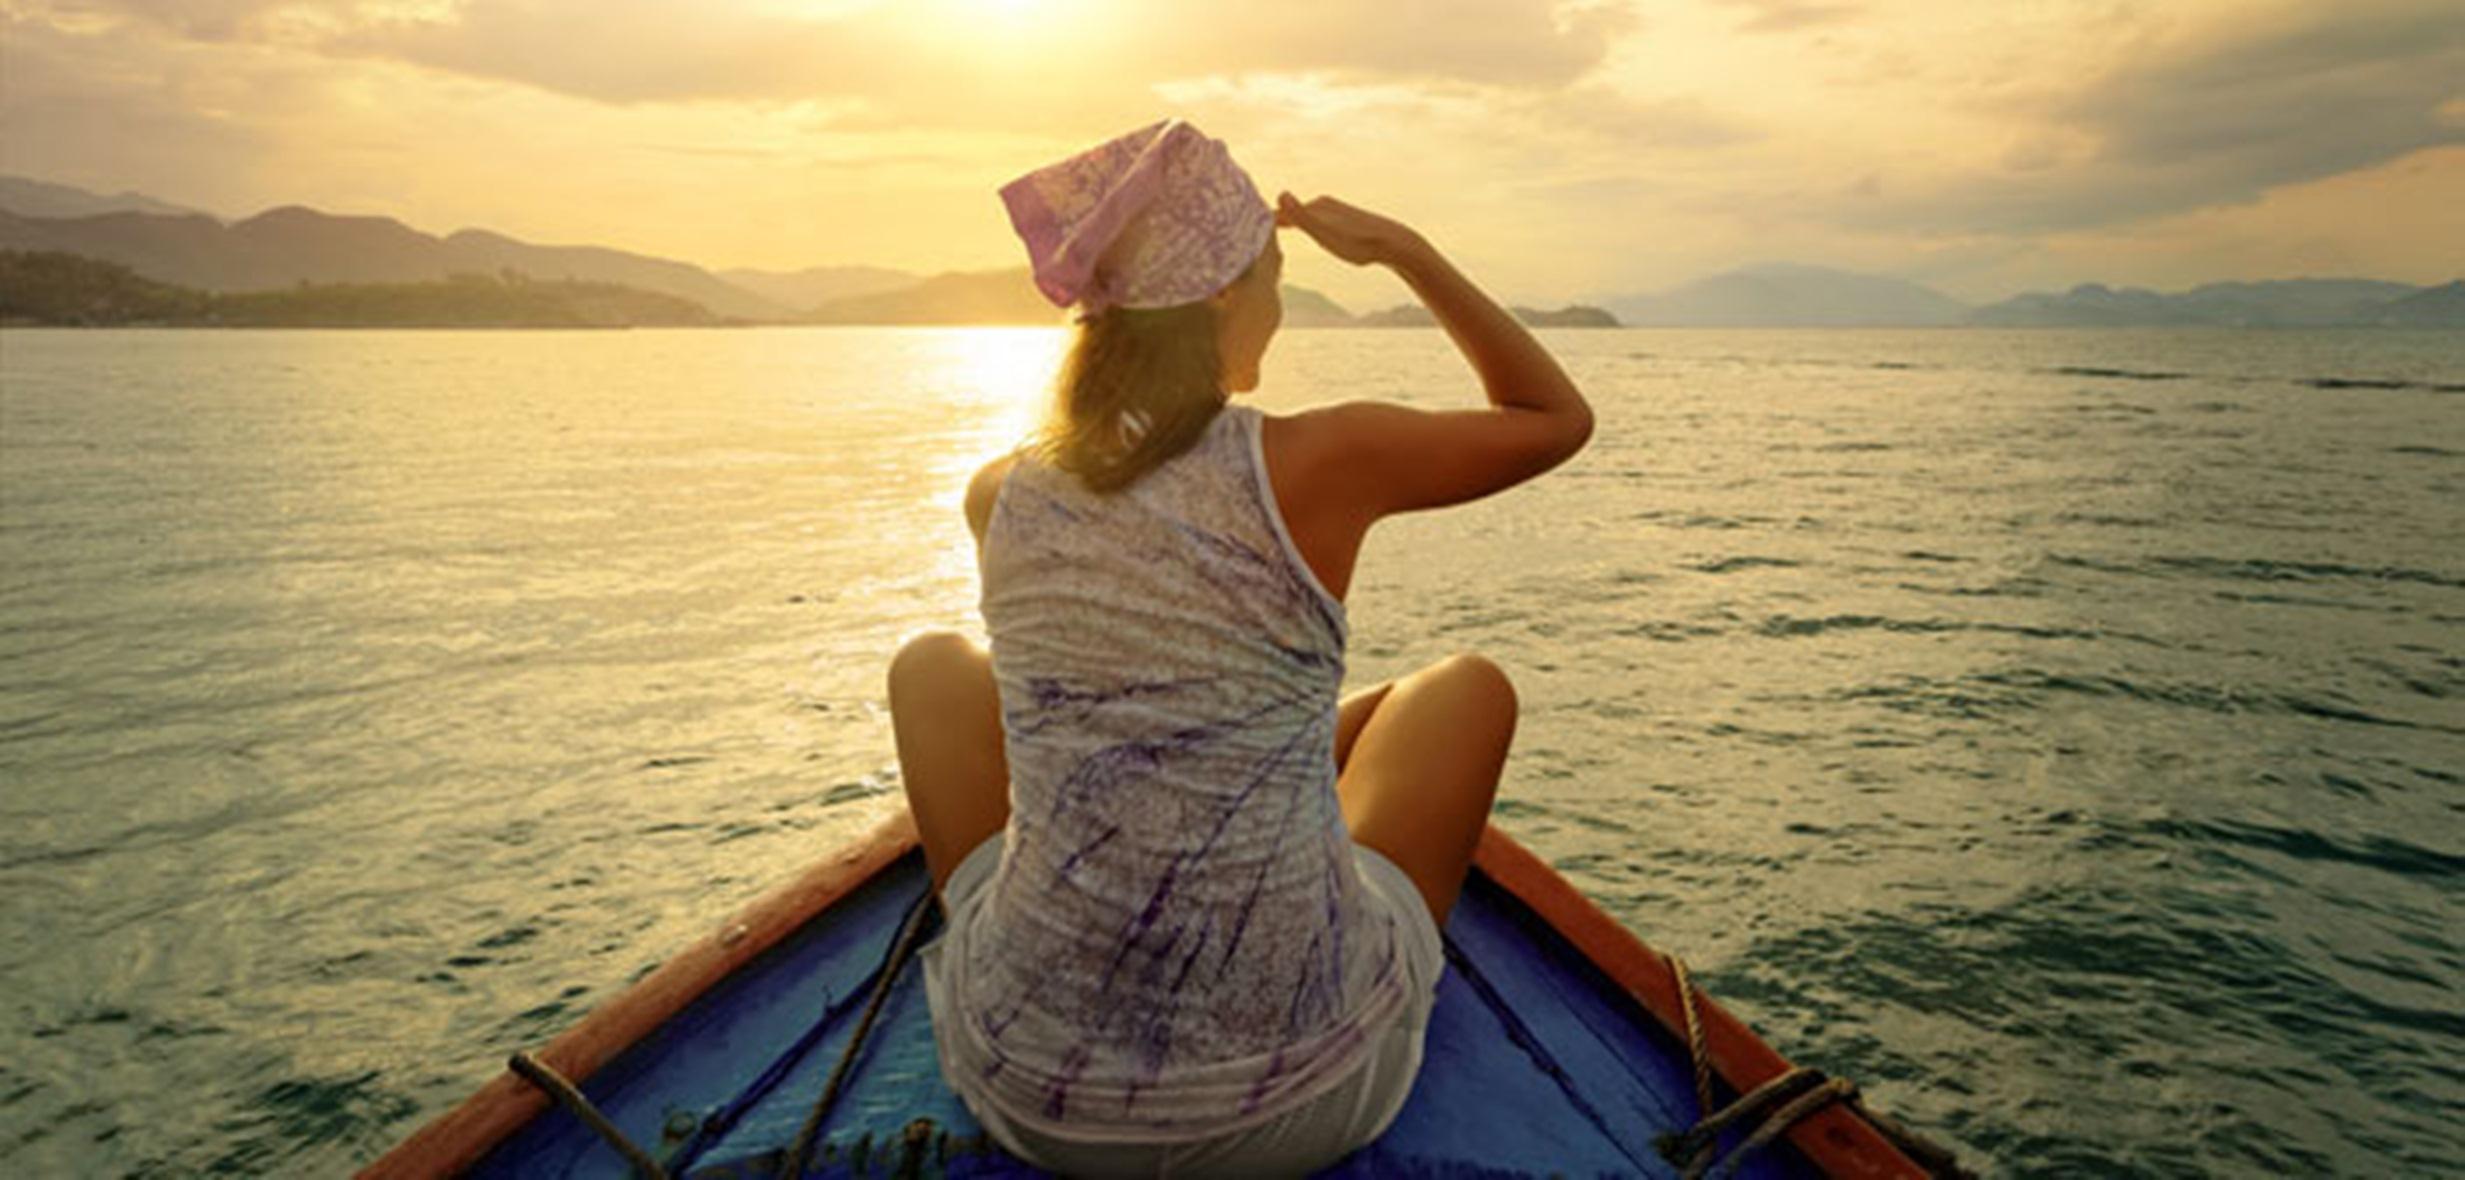 5 Tips Untuk Kamu Yang Ingin Solo Traveling Tetap Asik Walaupun Sendirian 3